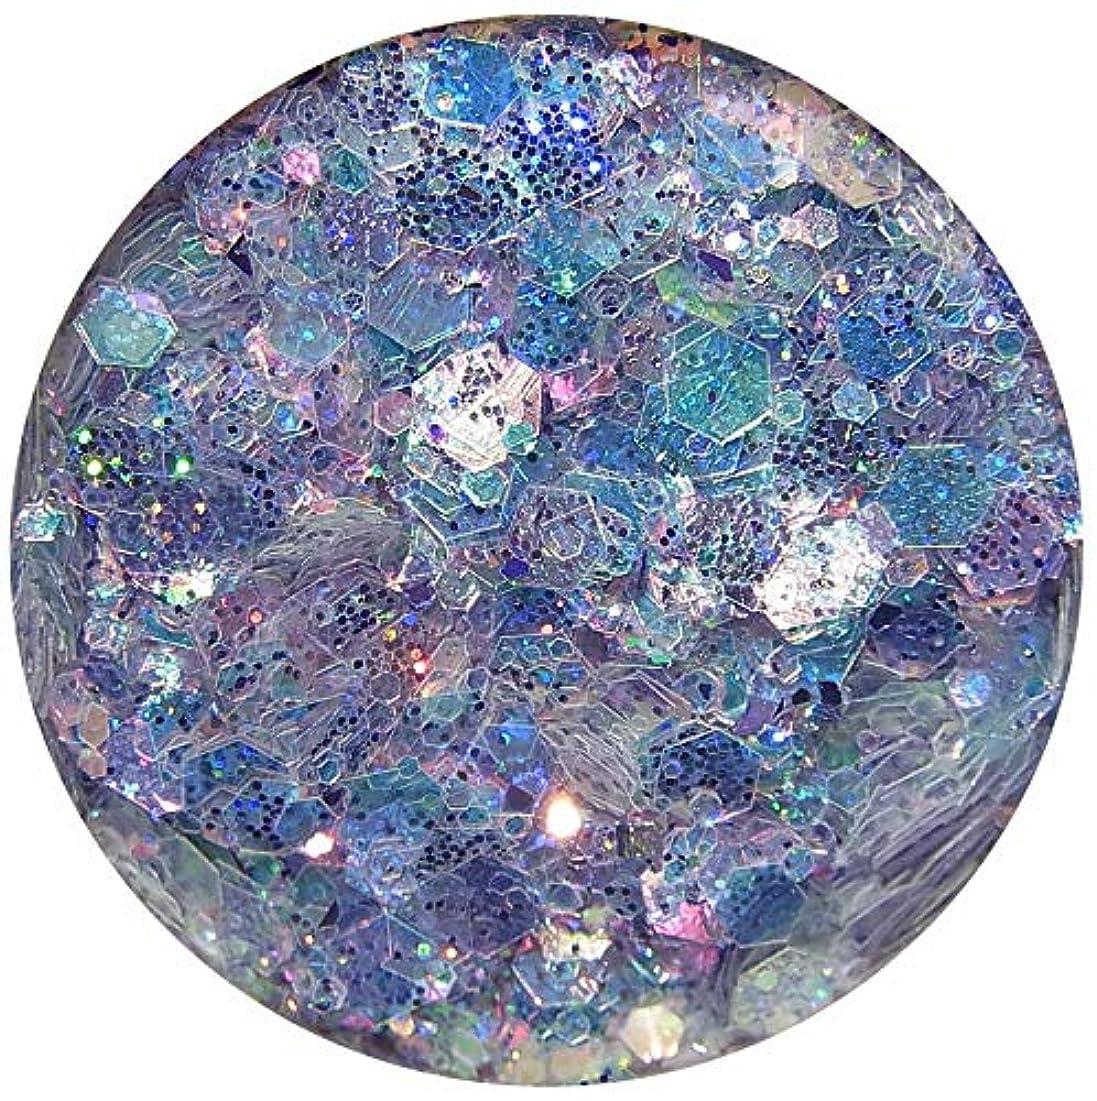 修羅場寄生虫サンプルホログラム 六角ラメミックス 8色から選択可能 グリッターネイルパーツ オーロラーカラー (3)